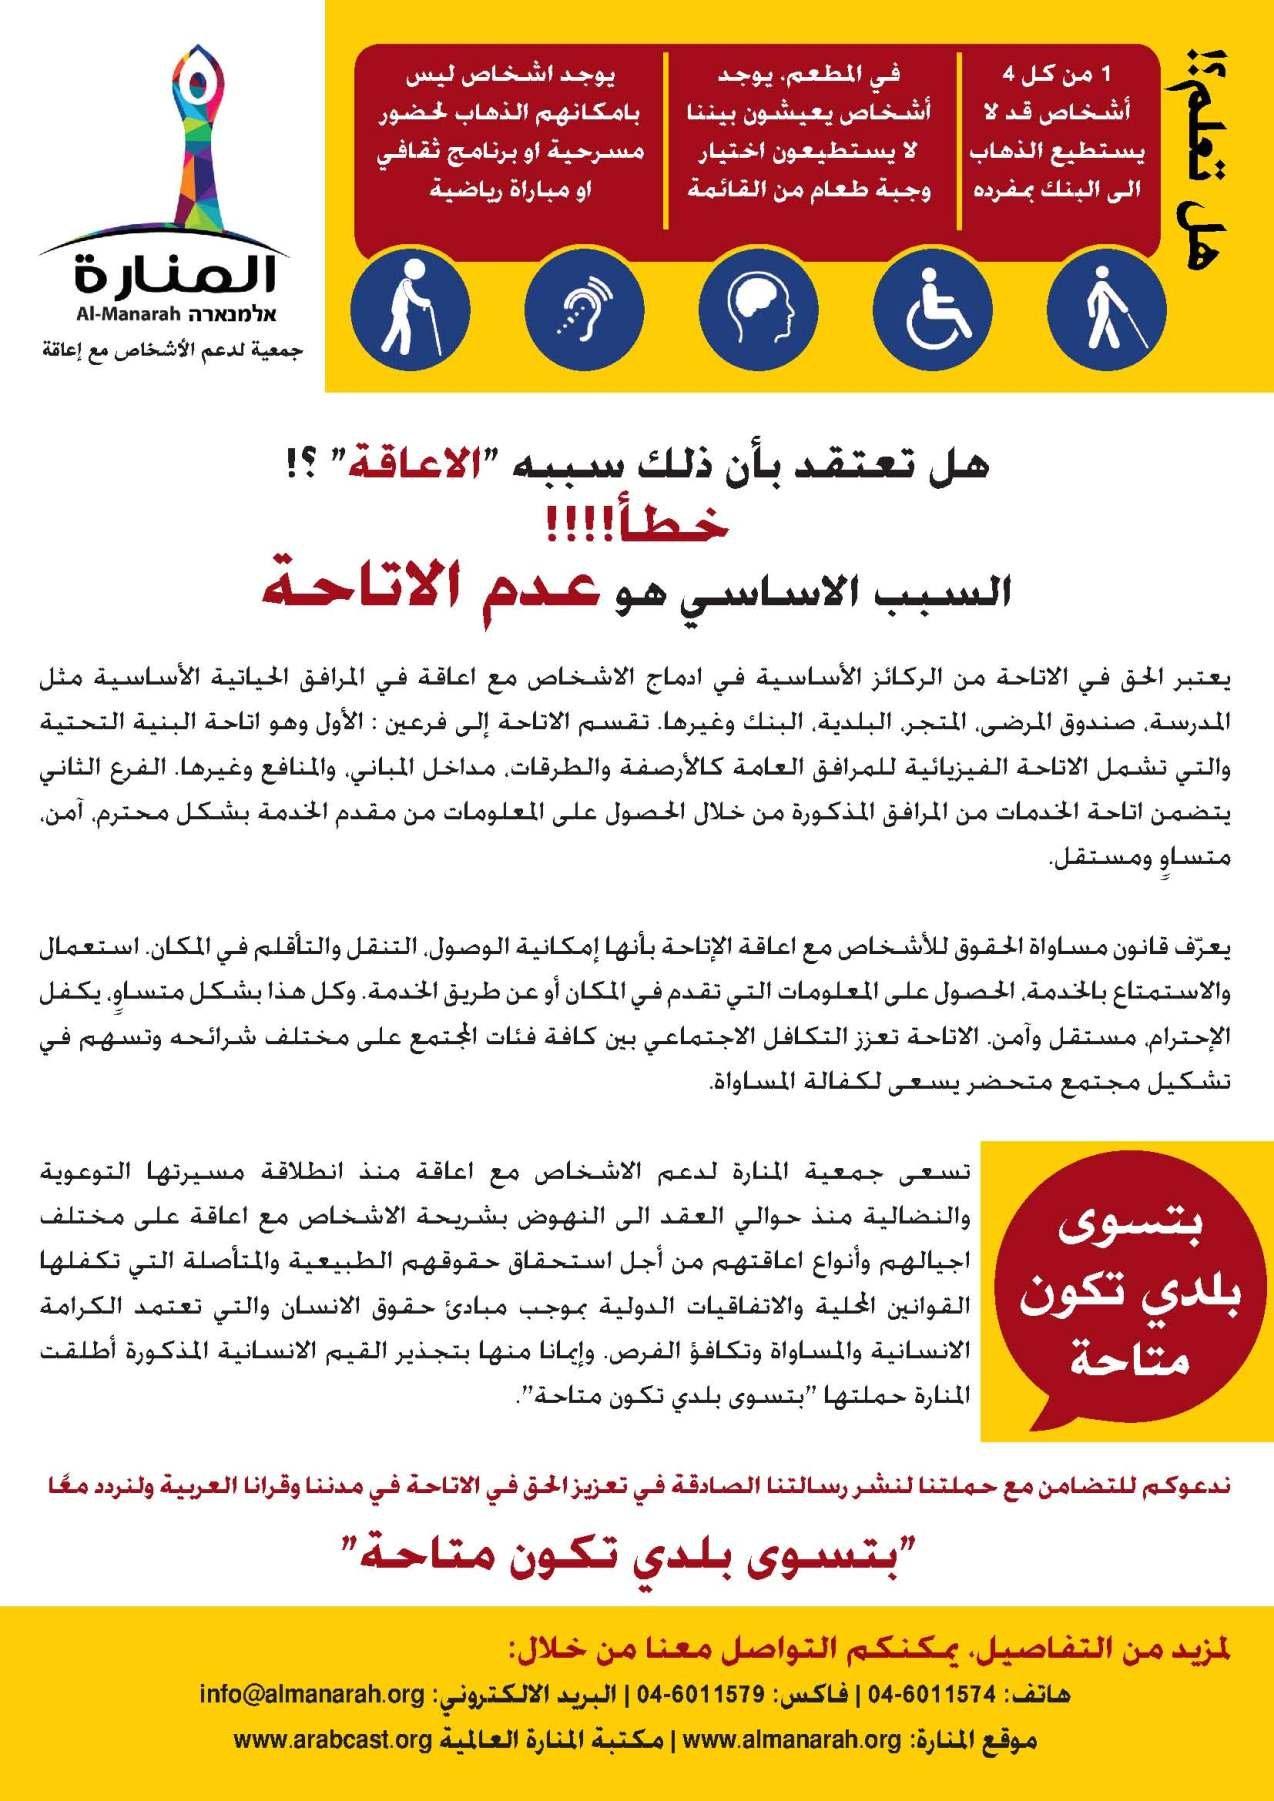 بمناسبة اليوم العالمي لذوي الإعاقة  تُطلق المنارة حملة بتسوى بلدي تكون مُتاحة